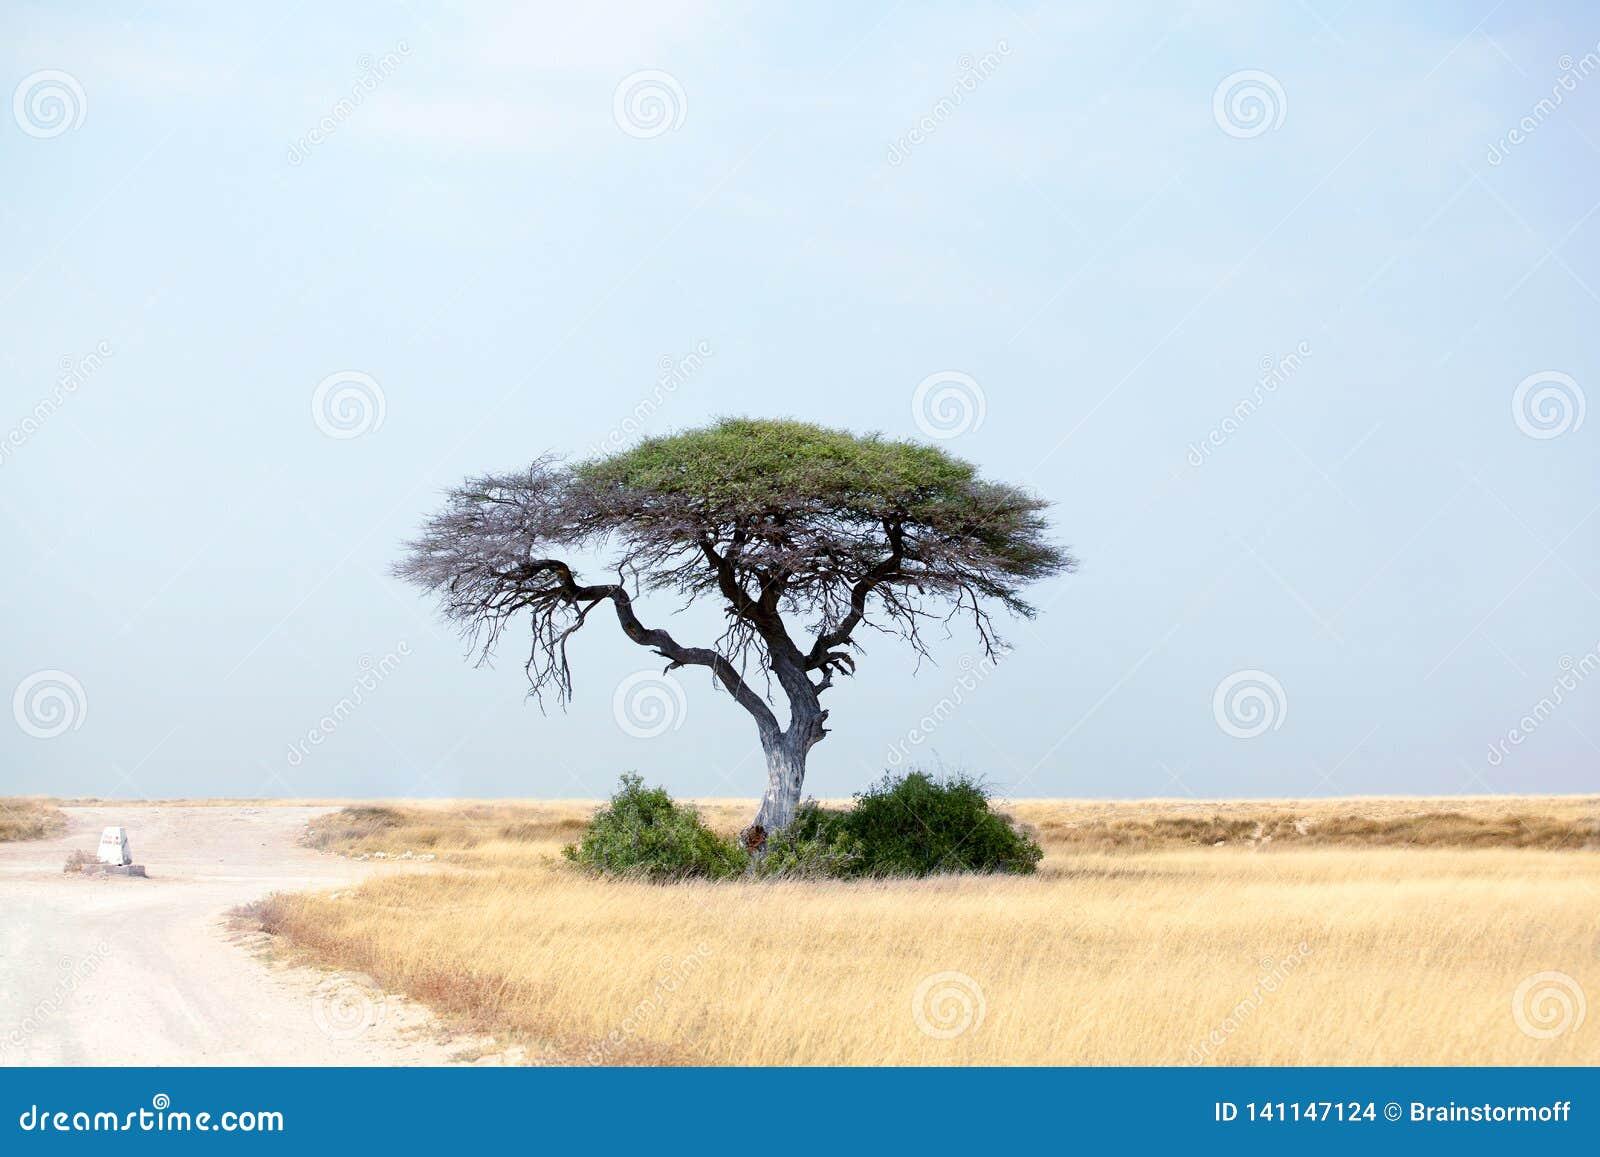 Eenzame groene acaciaboom en lege weg op geel woestijngebied en blauwe hemelachtergrond in het Nationale Park van Etosha, Namibië